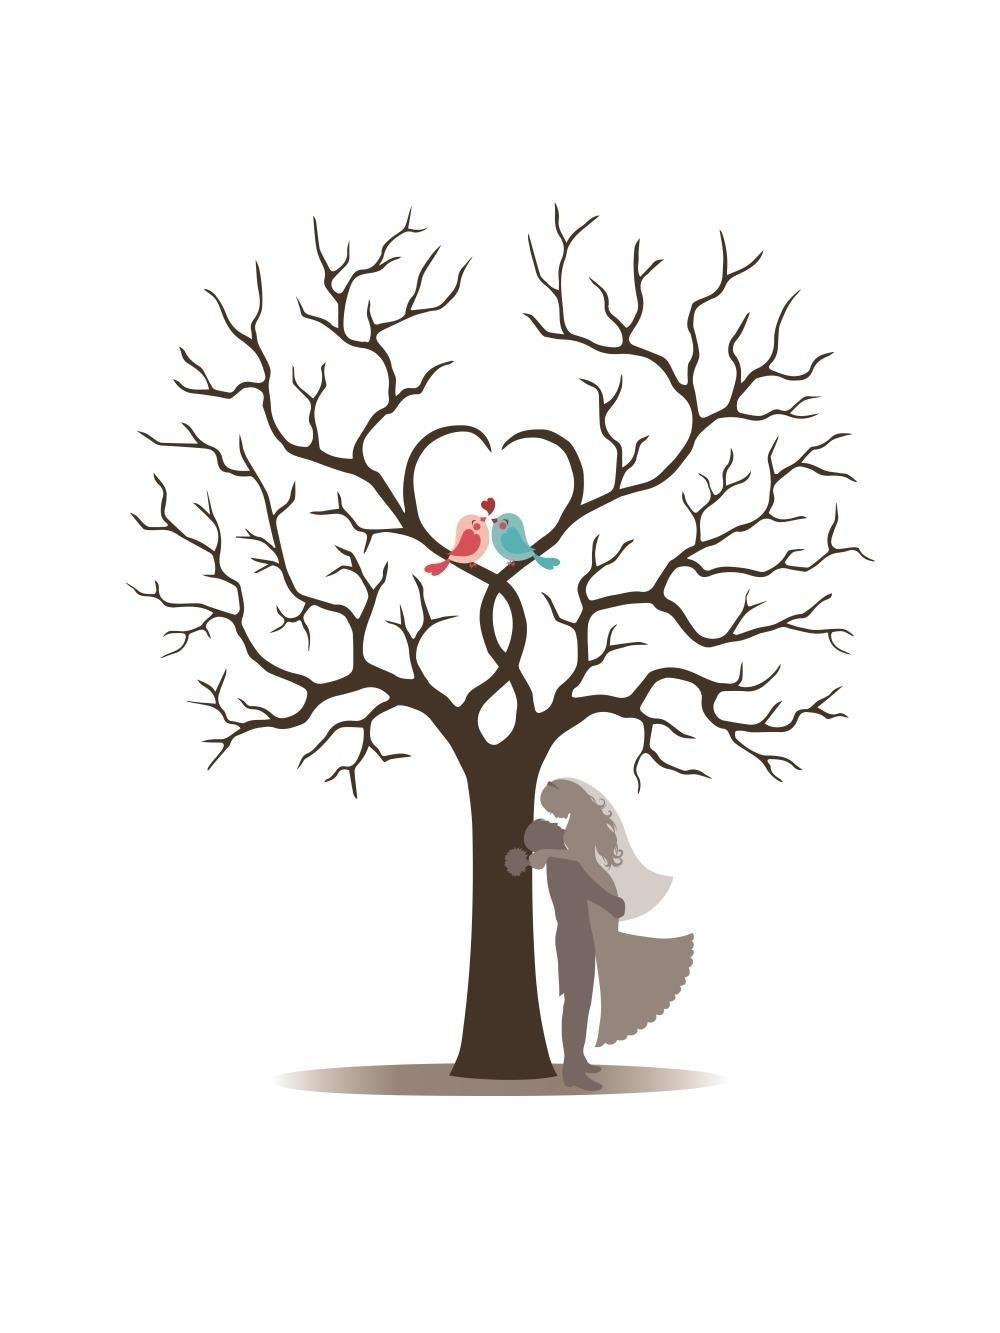 шаблон дерева пожеланий своими руками живых сидят